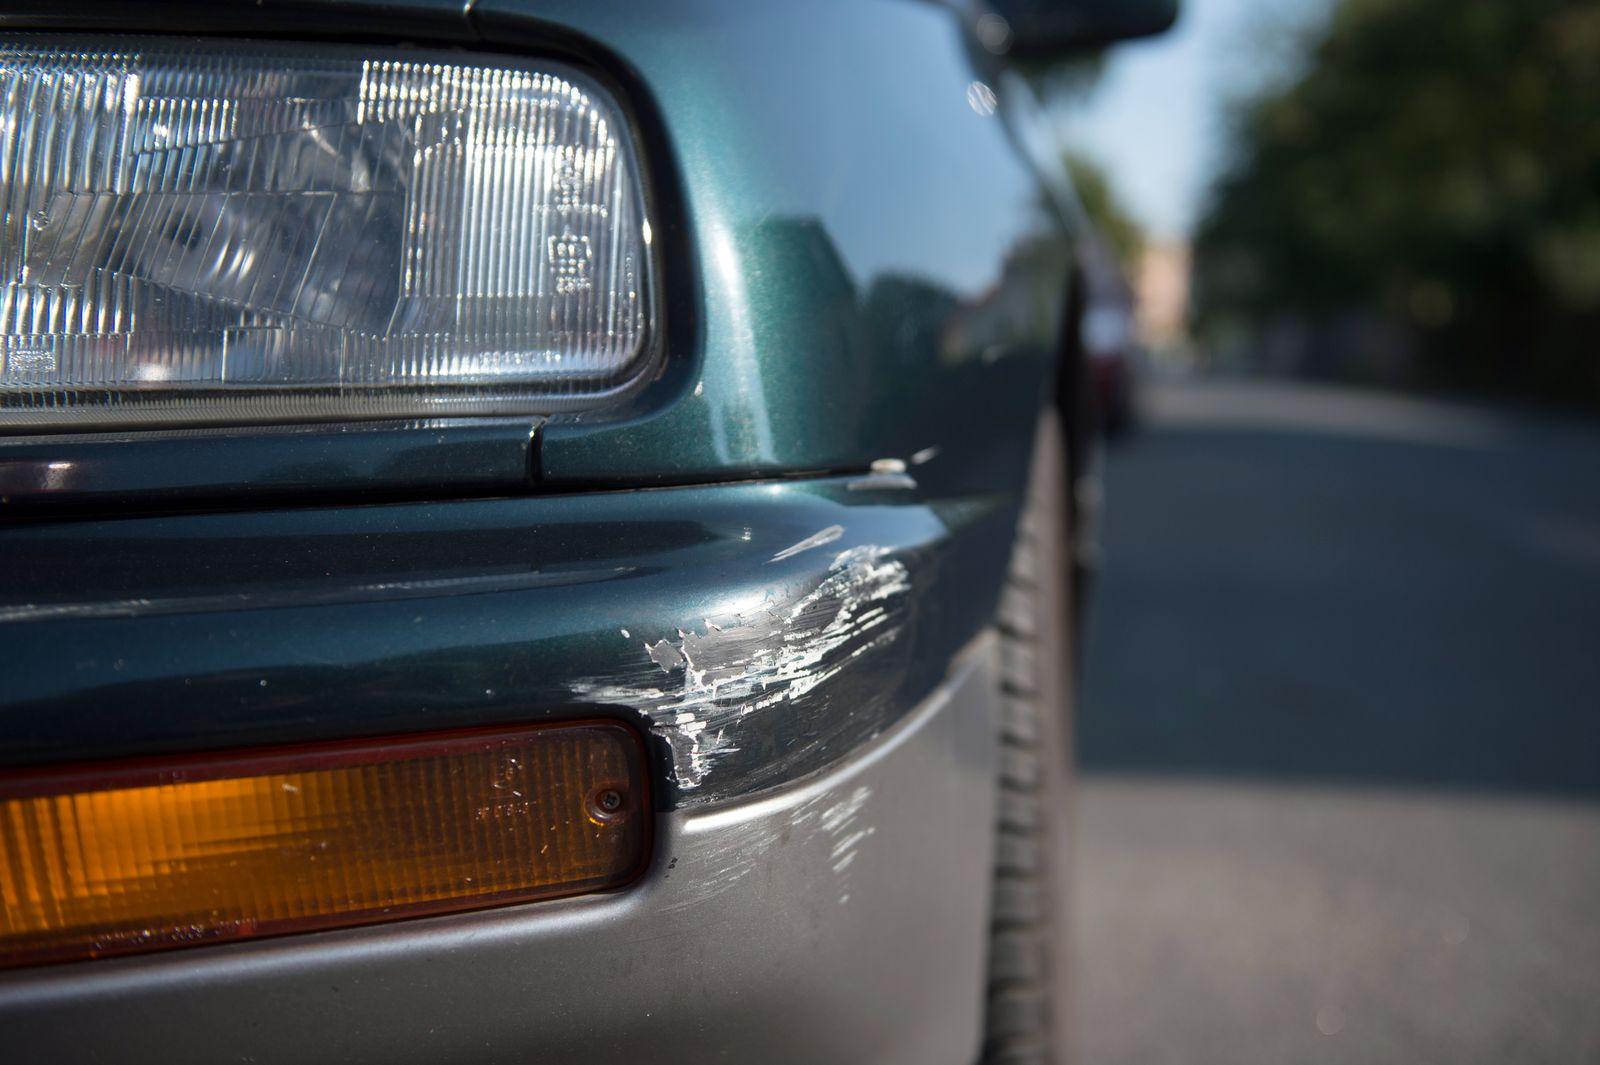 Symbolbild Autounfall / Kfz-Versicherung